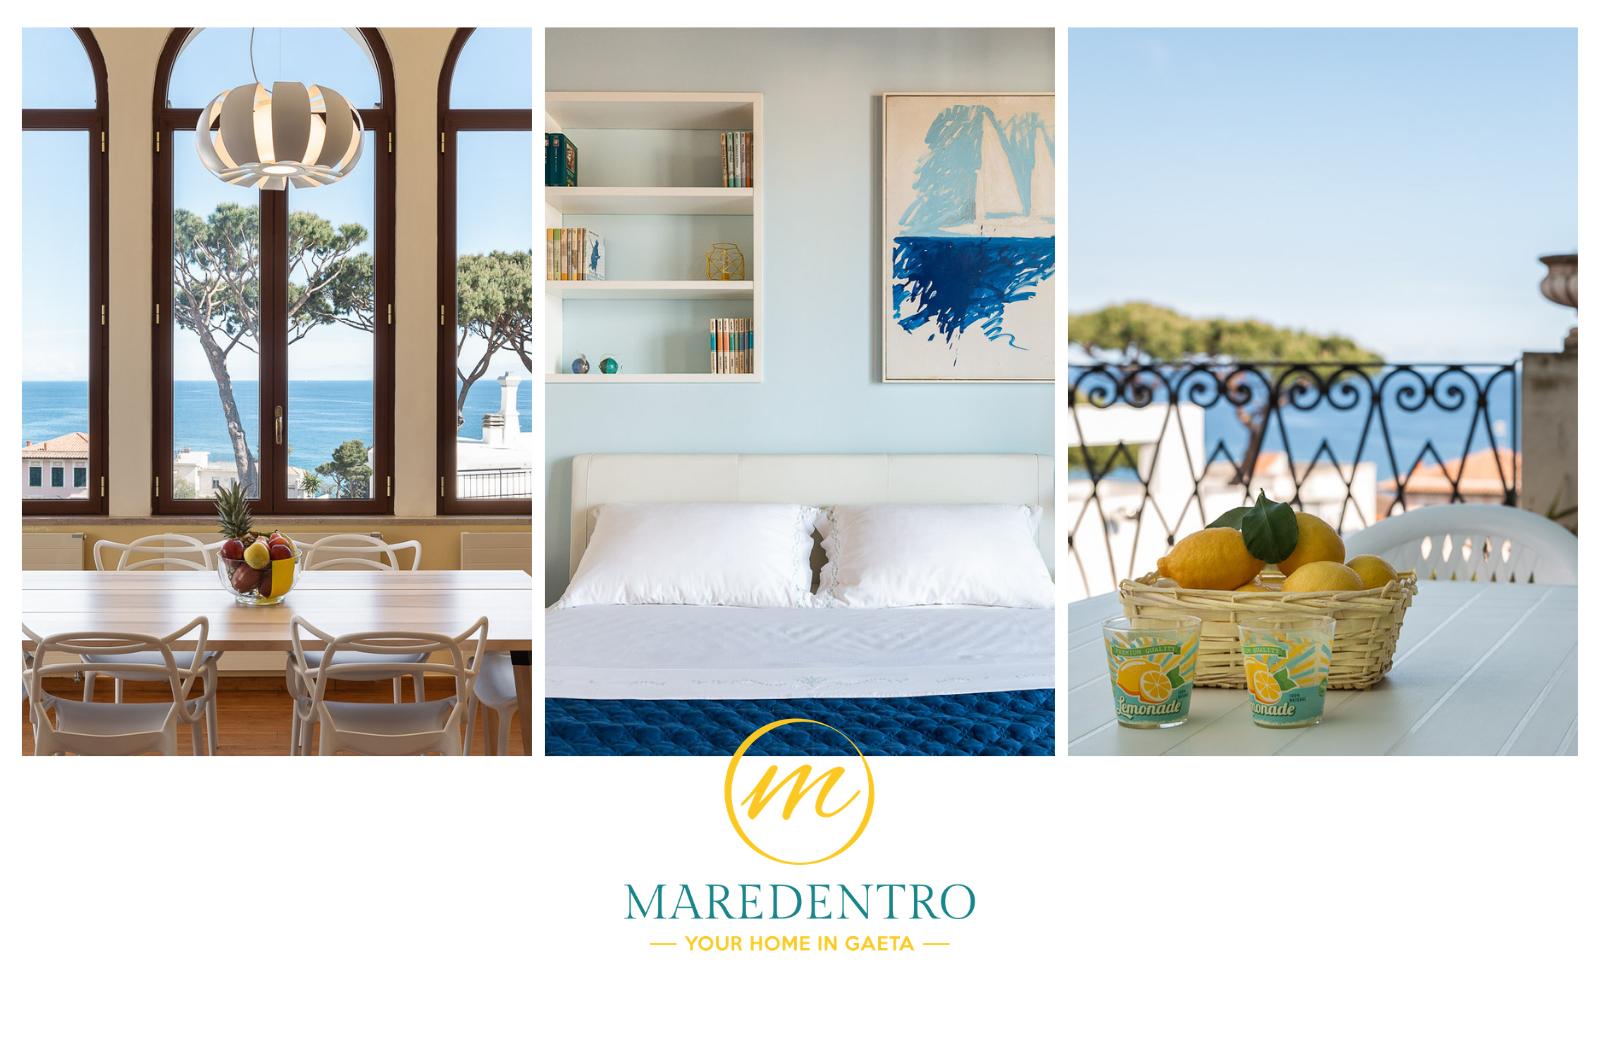 asa vacanza gaeta mare serapo spiaggia appartamento panoramico MareDentro Gaeta Formia Sperlonga terrazza cucina camere B&B